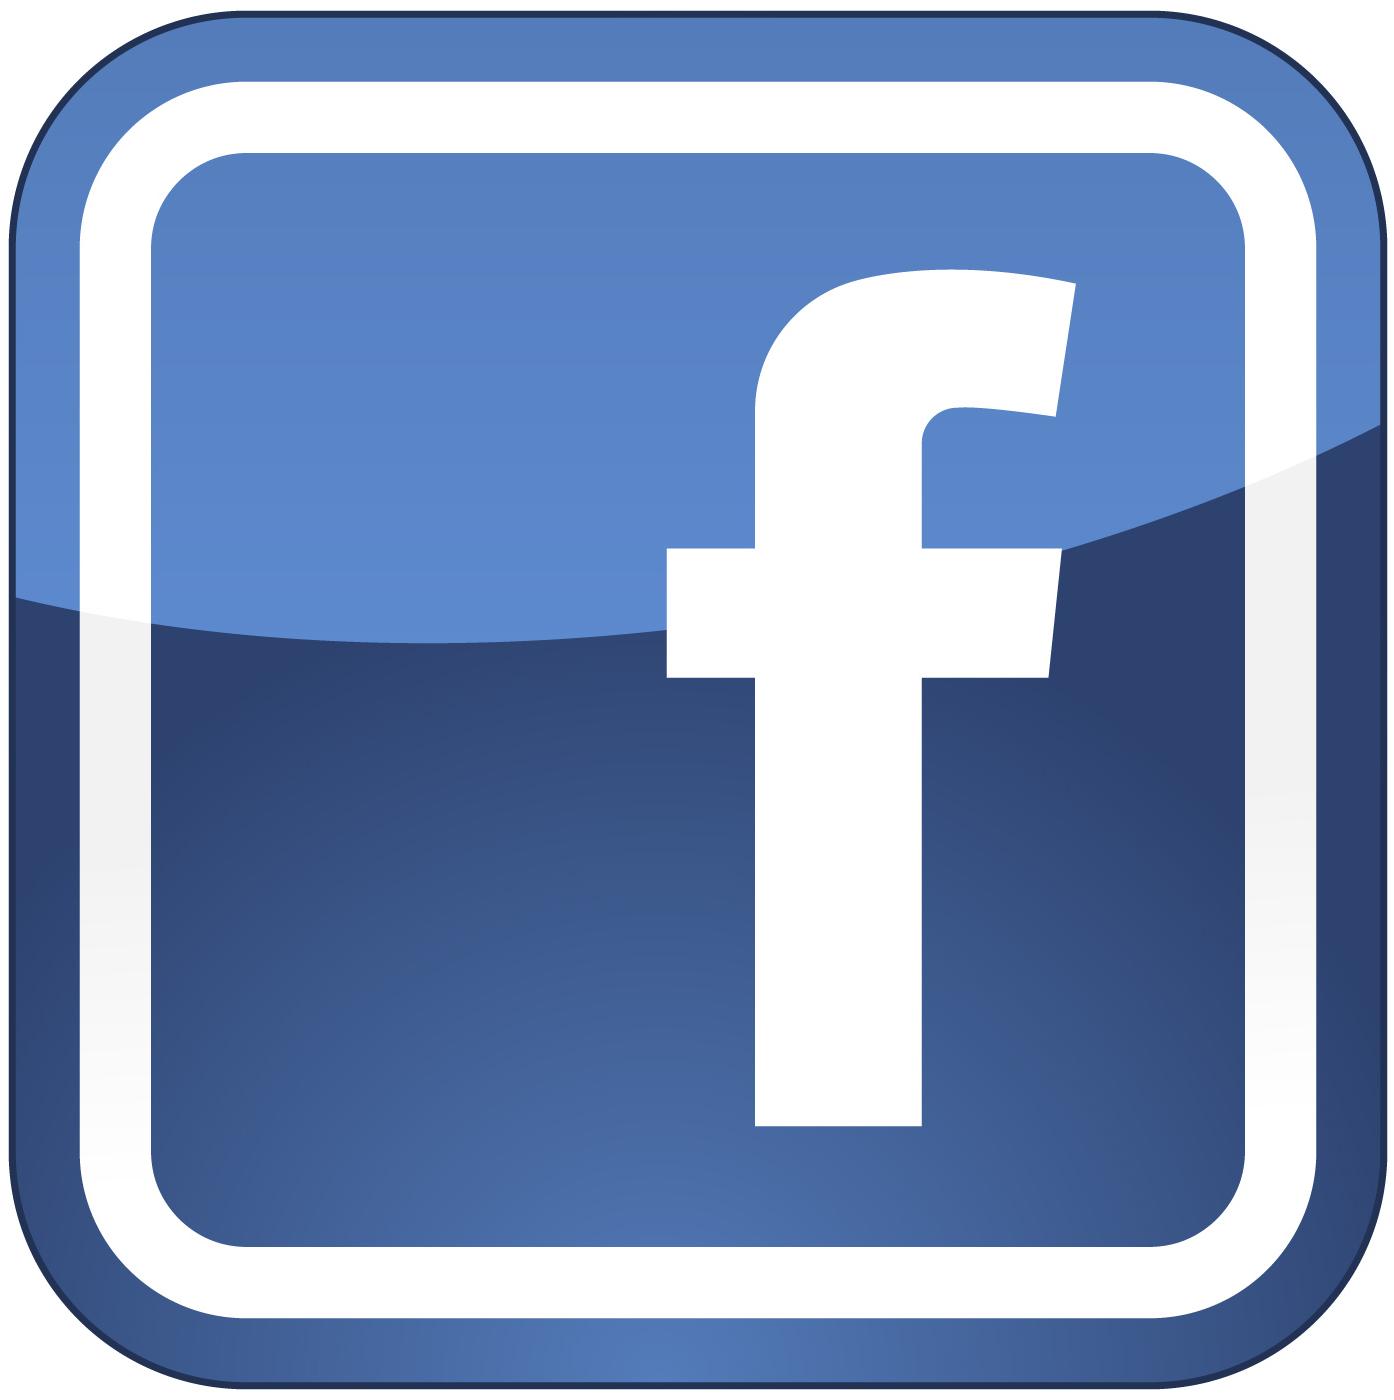 Facebook-logo-icon-